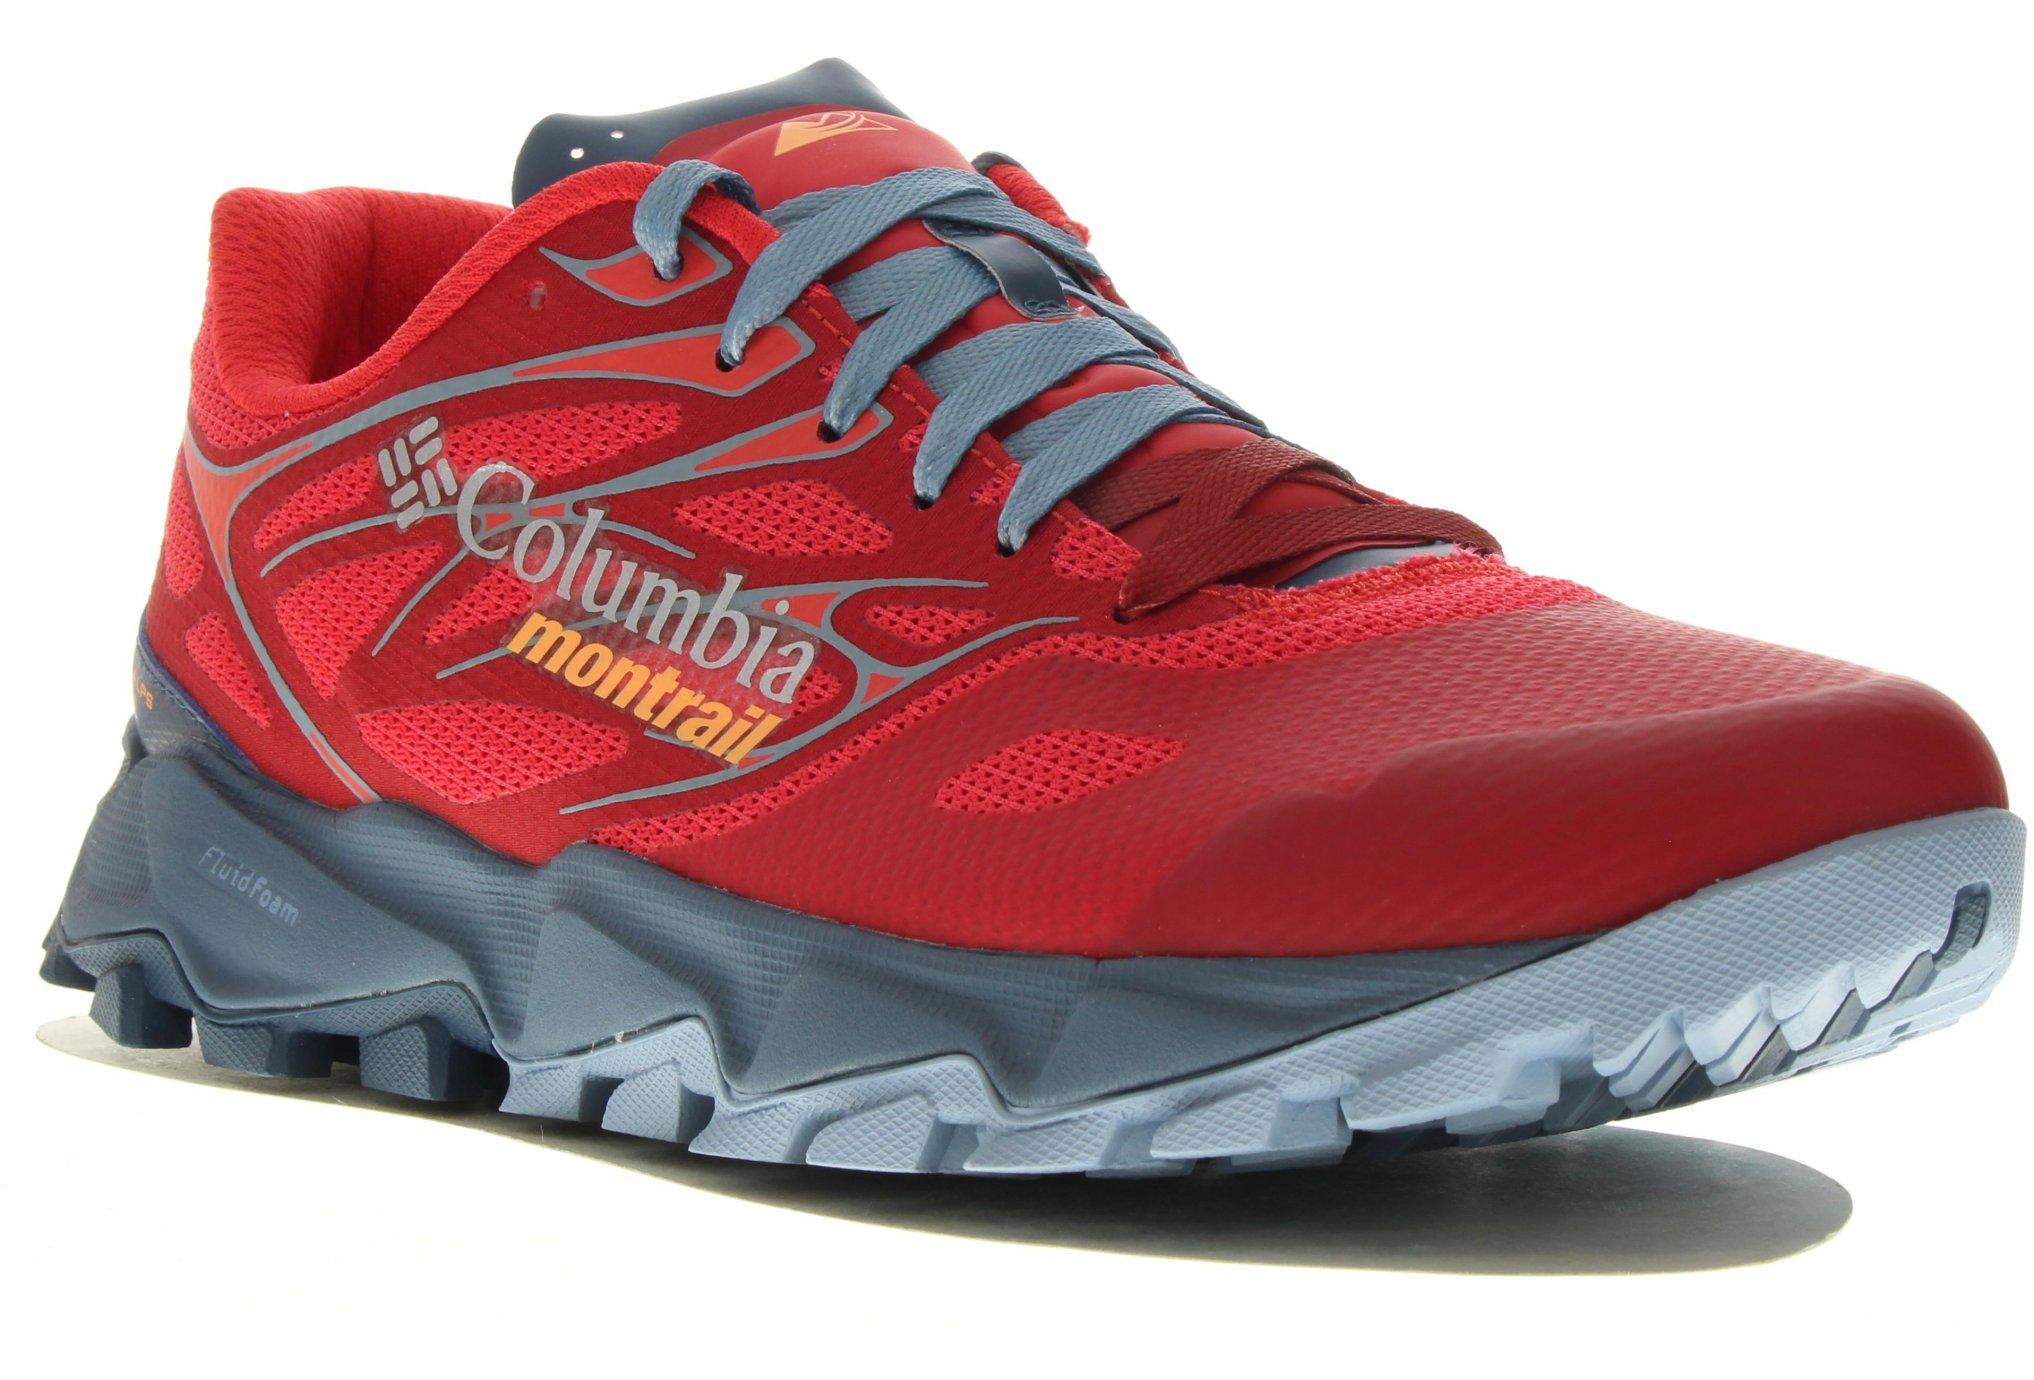 Columbia Montrail Trans Alps II F.K.T. W Diététique Chaussures femme